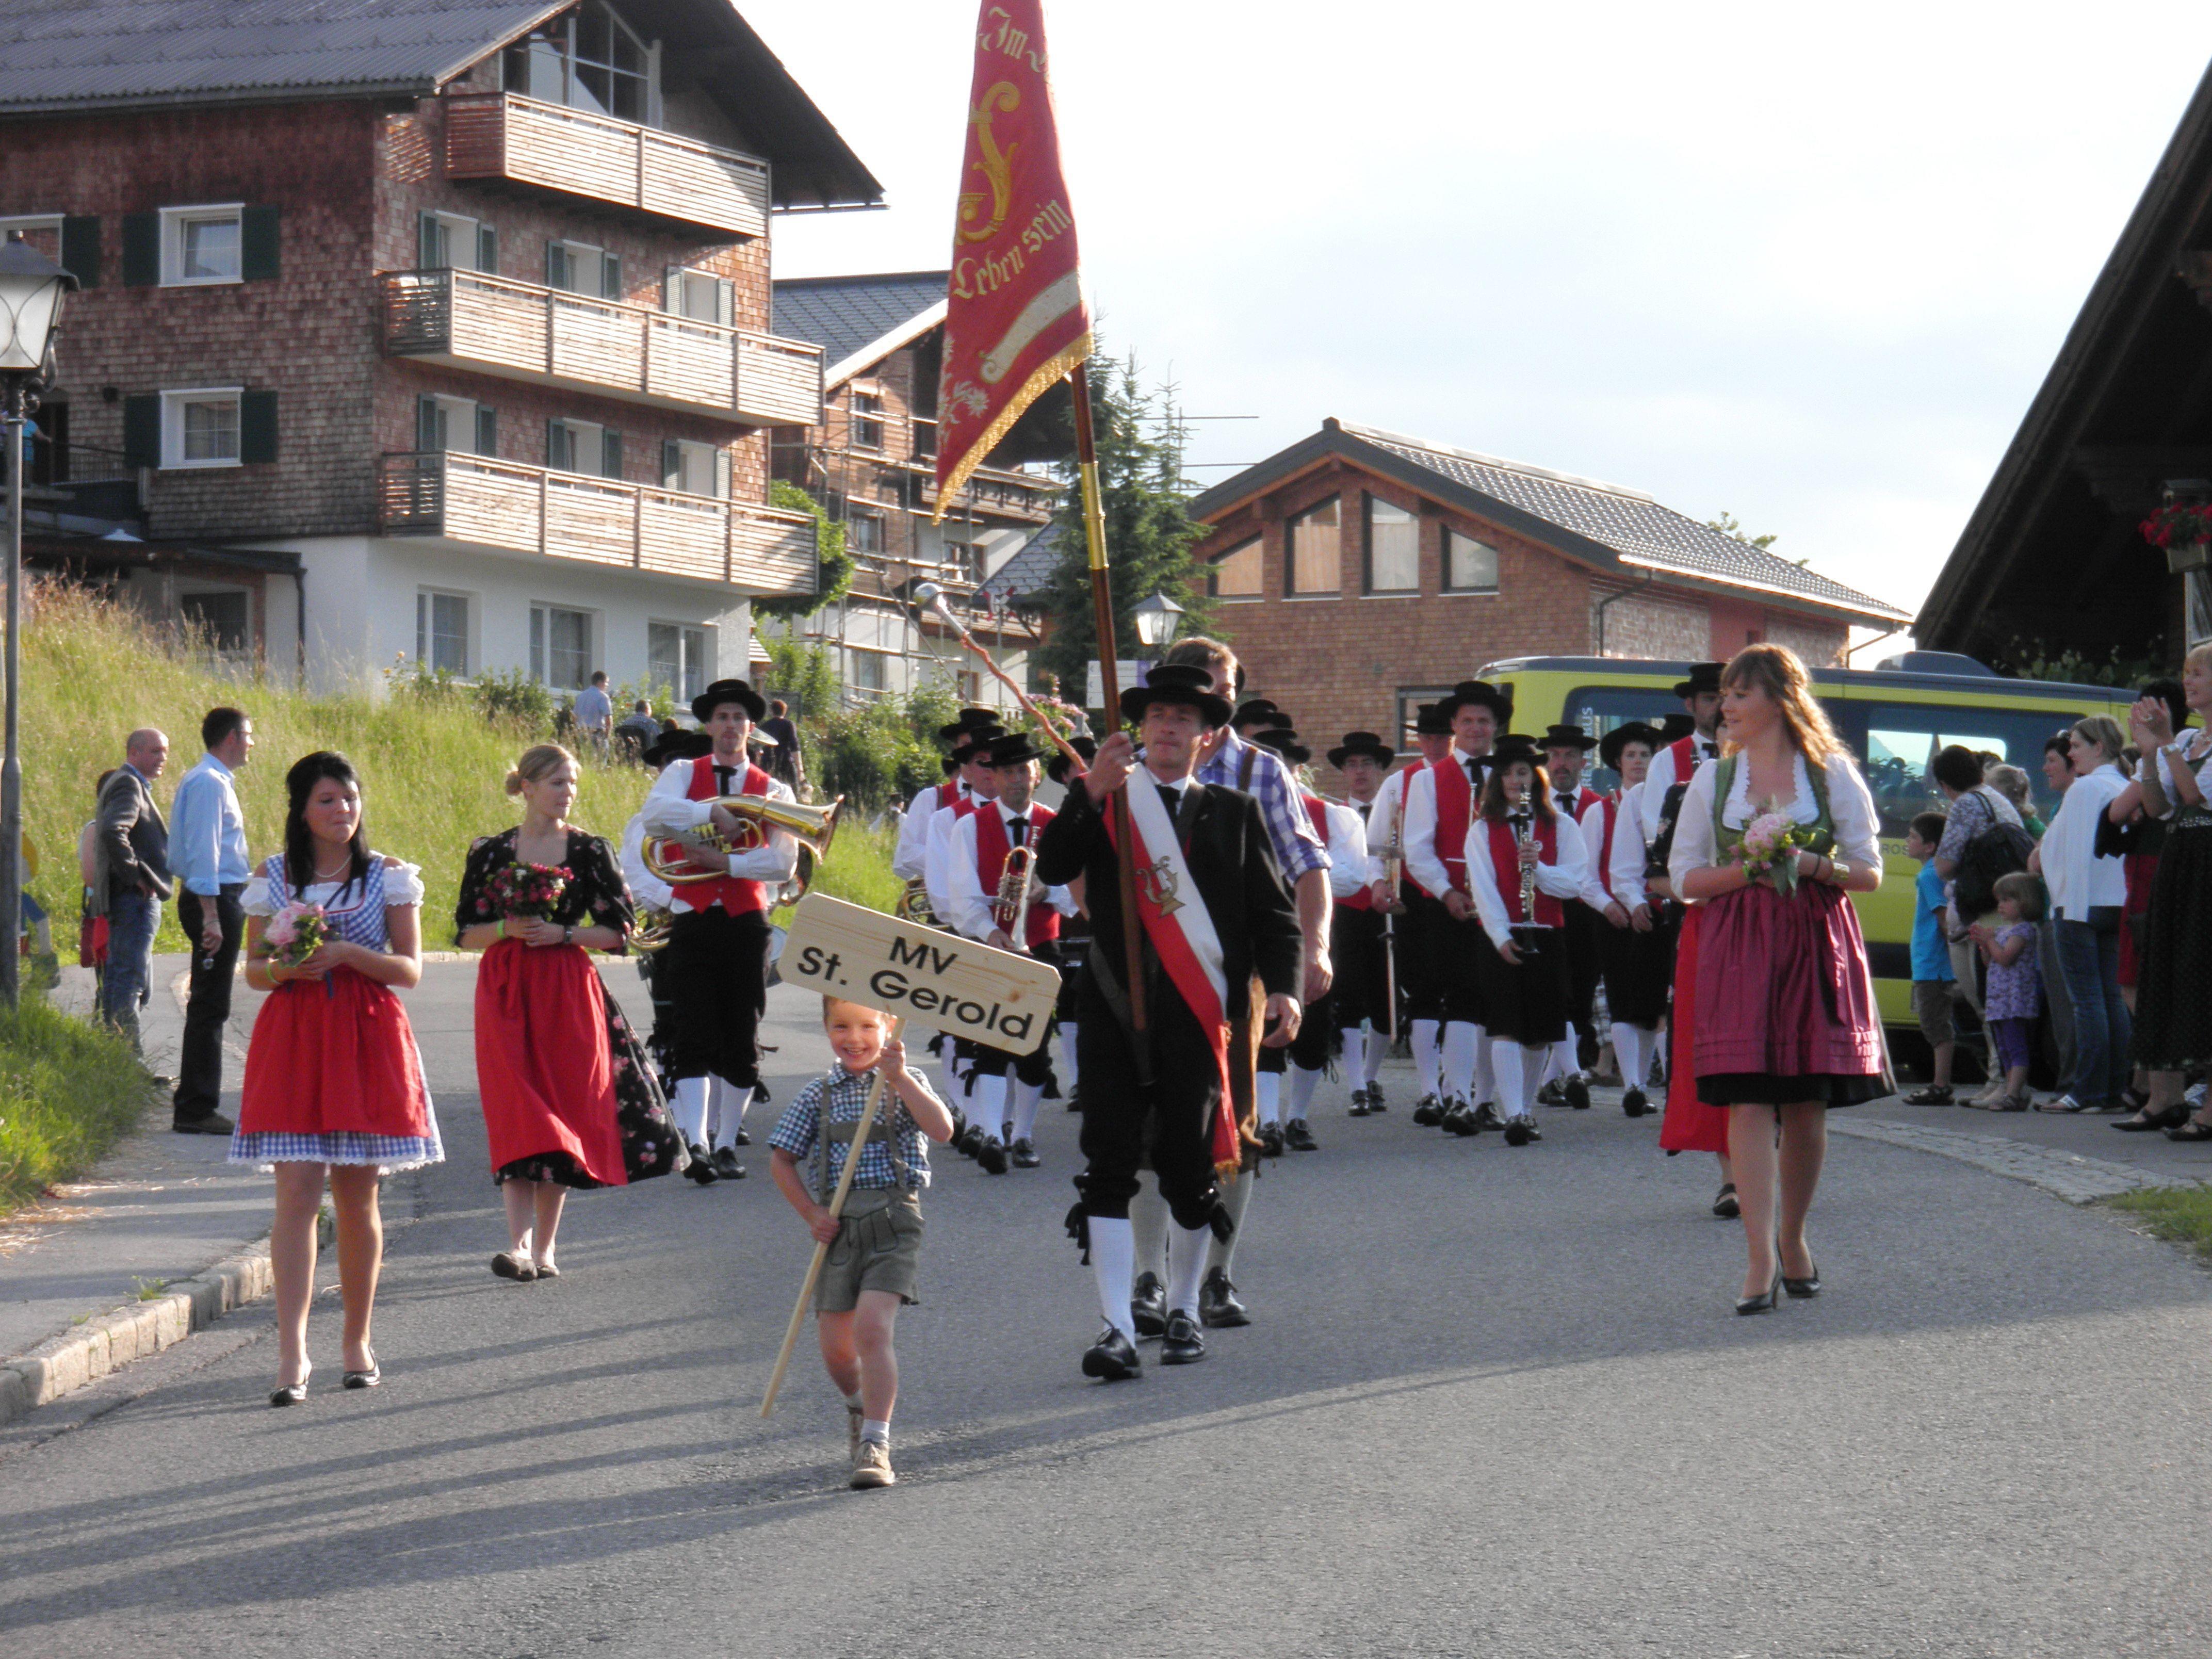 MV St.Gerold mit flotter Marschmusik unterwegs